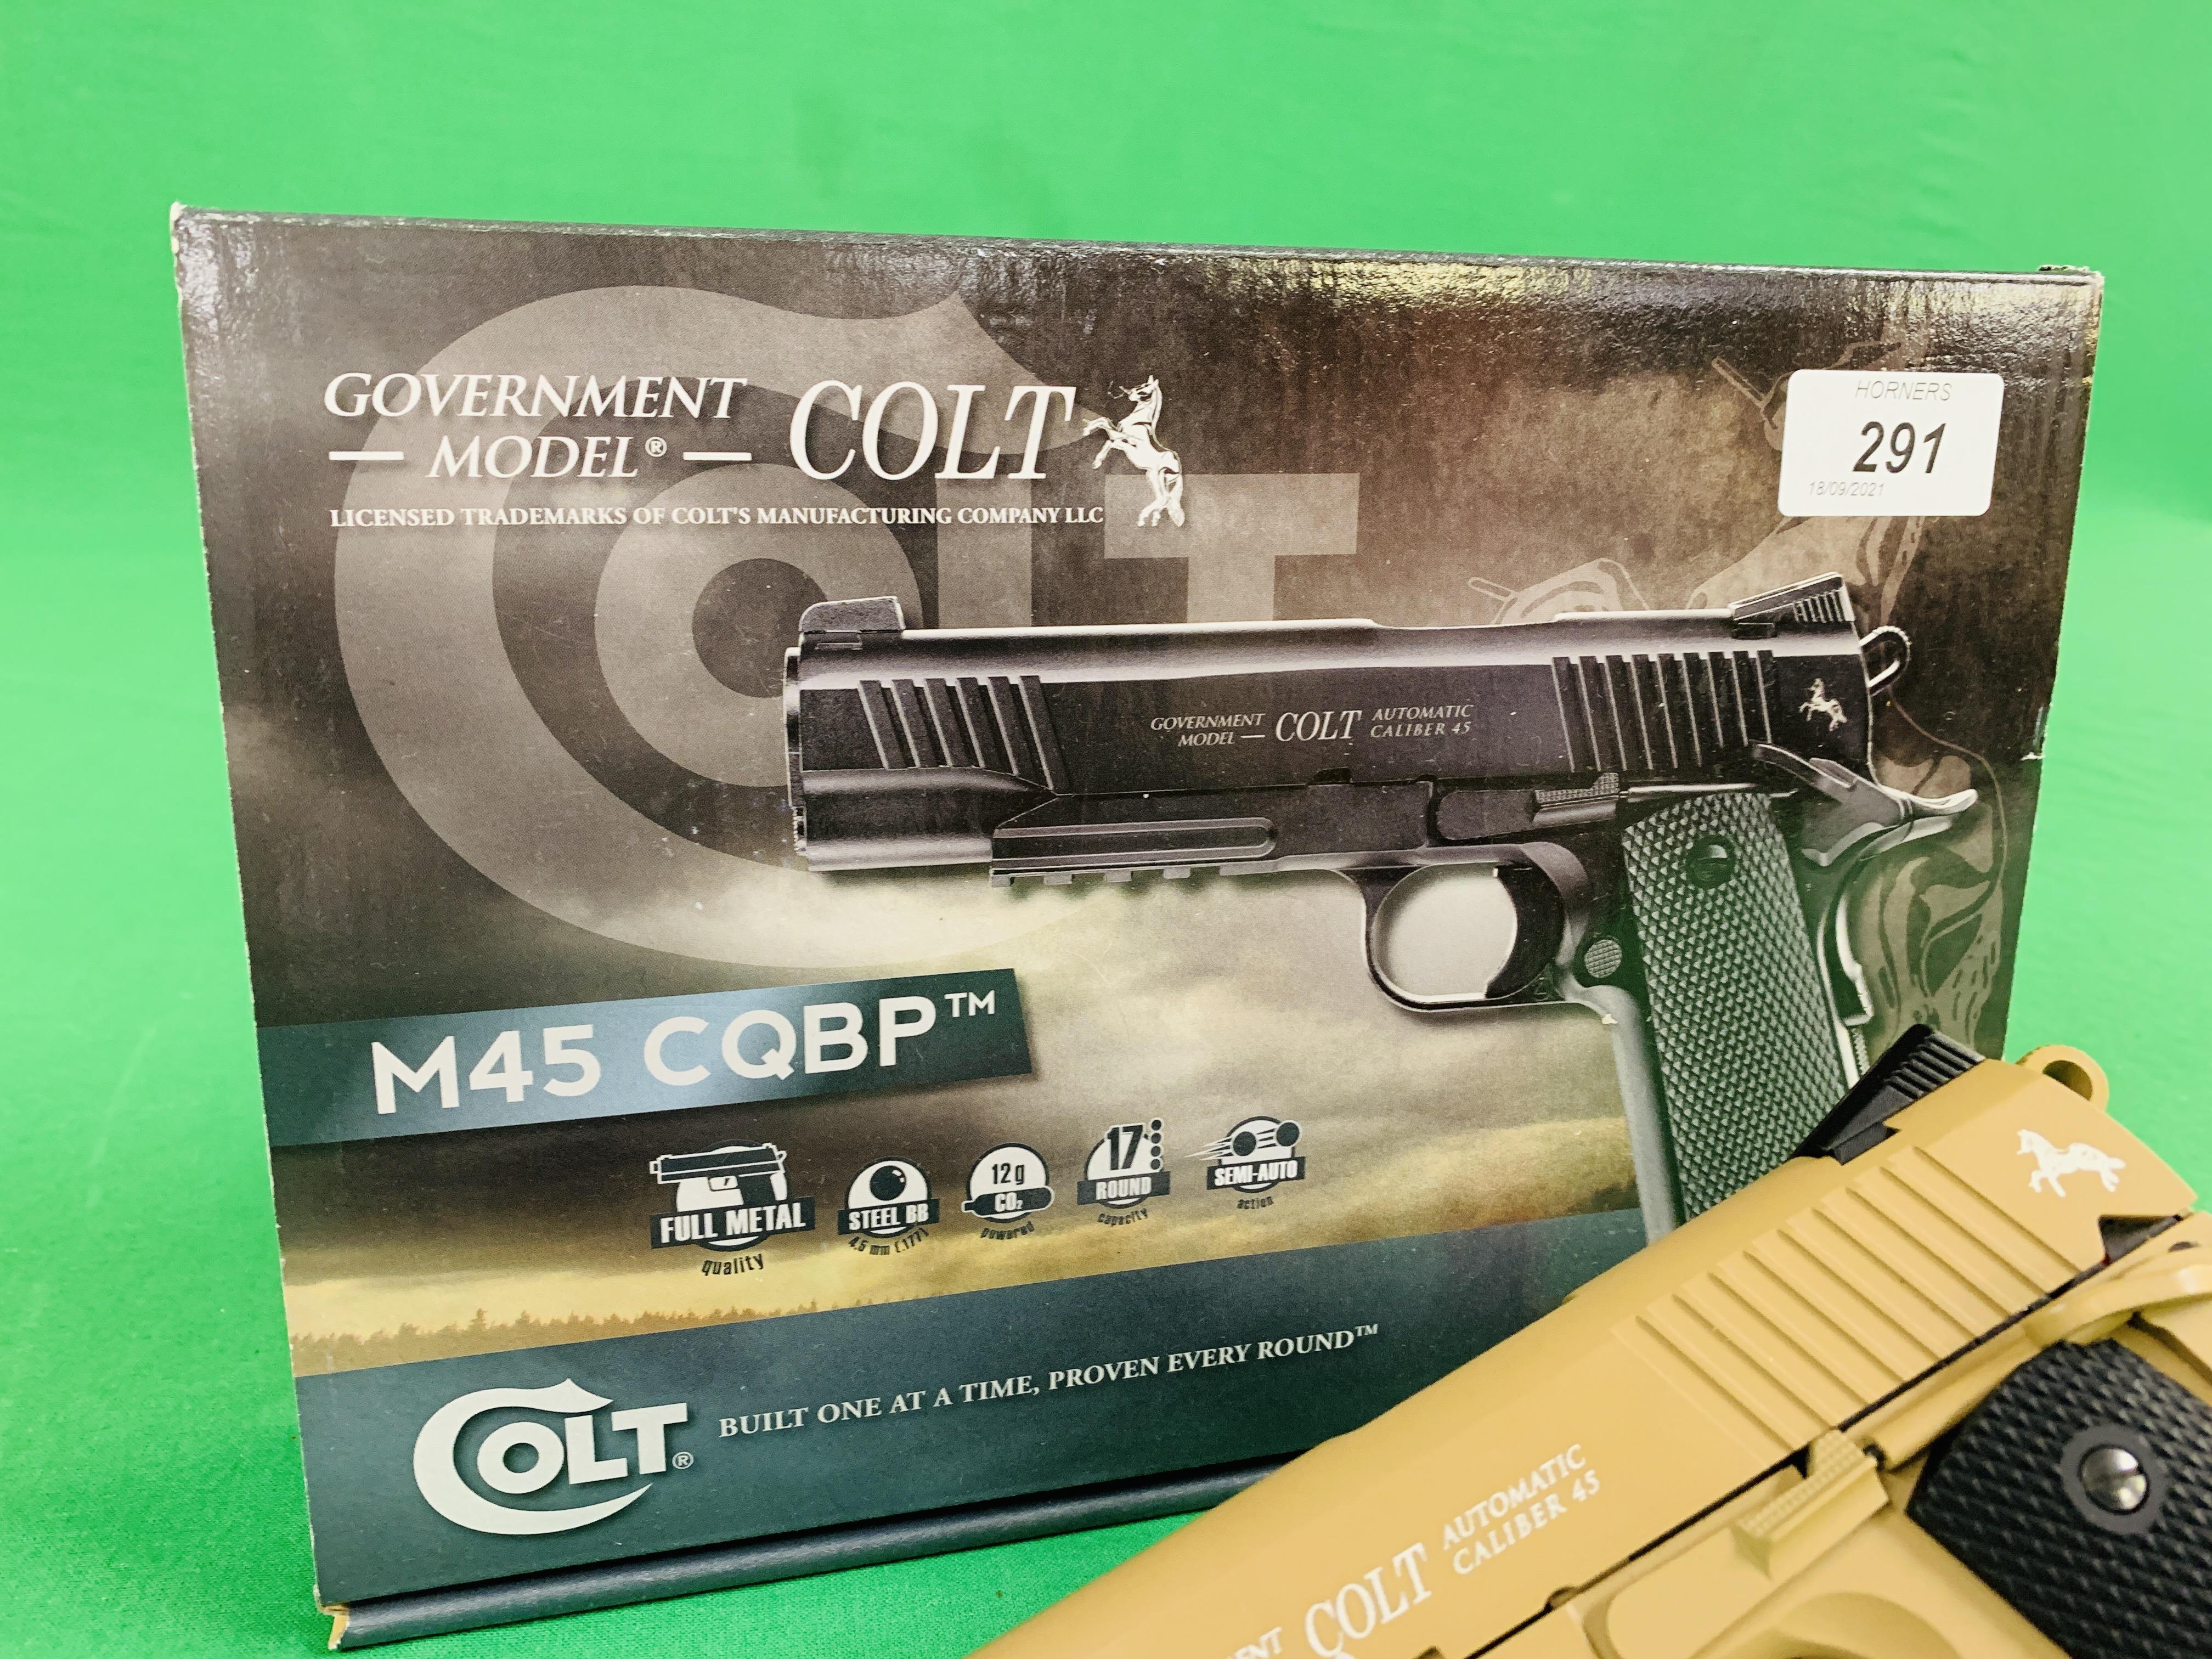 A COLT GOVERNMENT MODEL M45 CQBP . - Image 6 of 6